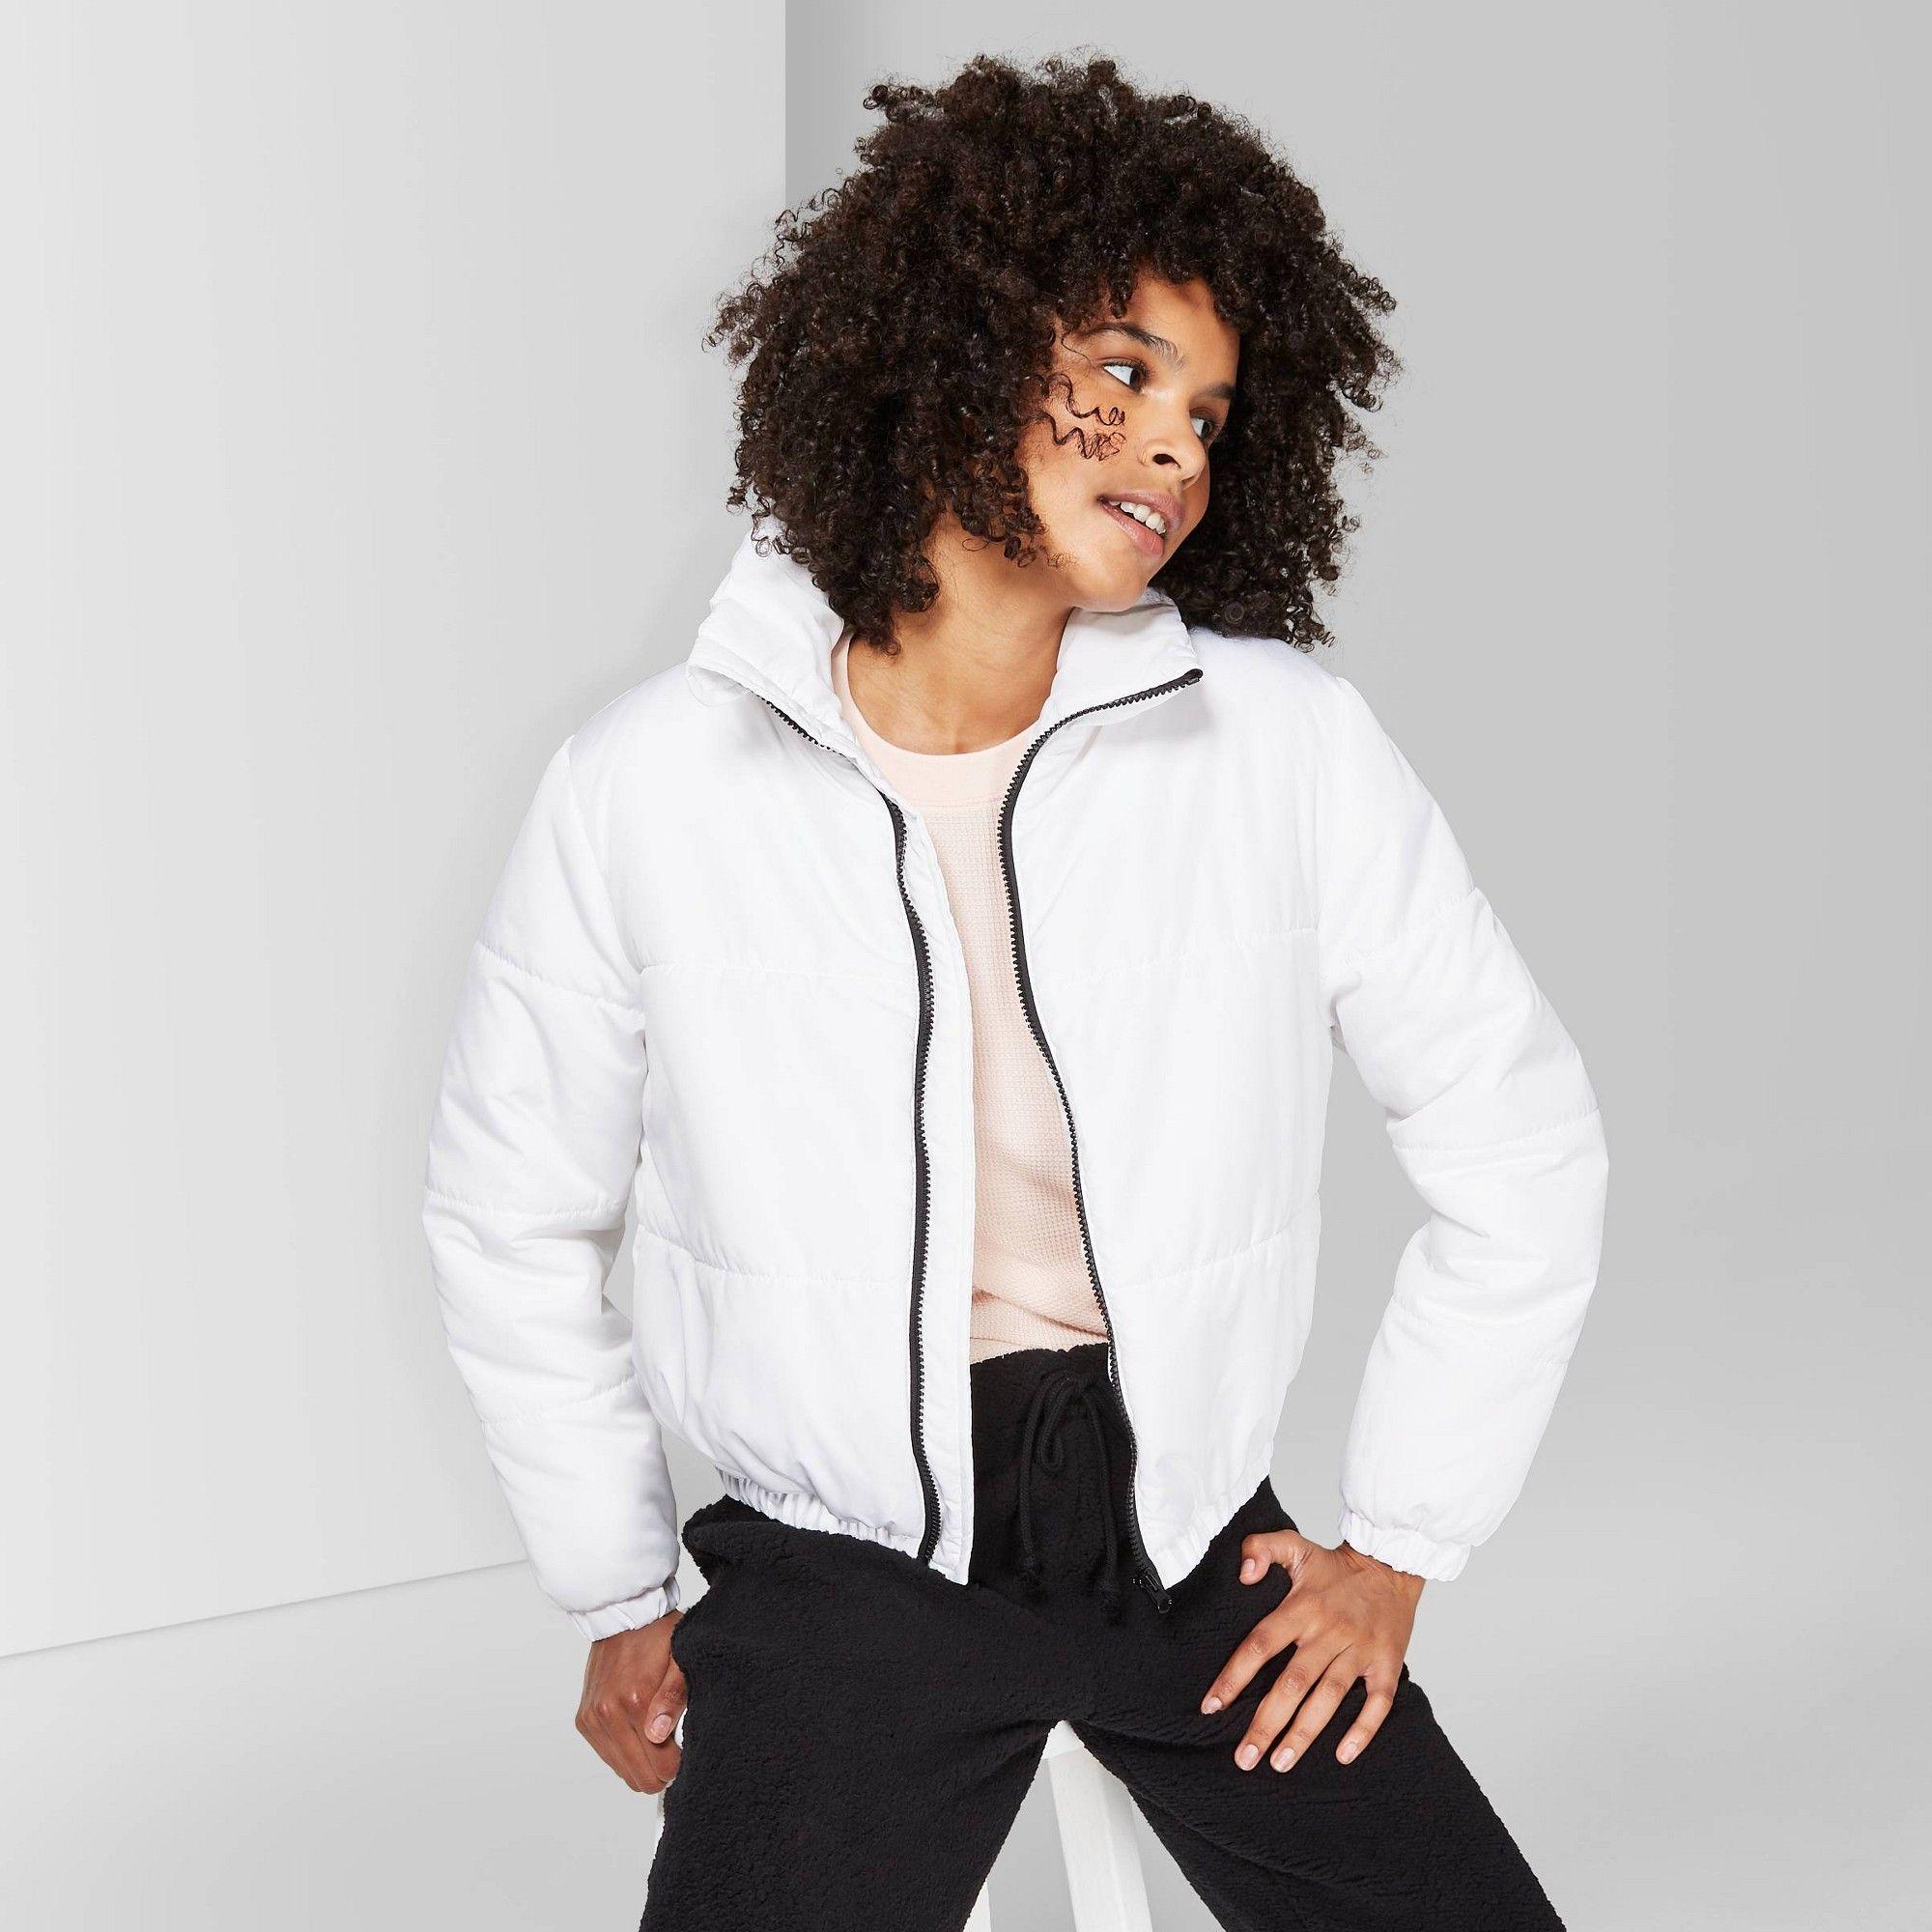 Women S Long Sleeve Zip Up Puffer Jacket Wild Fable White S Size Small Windbreaker Jacket Women Women Long Sleeve Puffer Jackets [ 2000 x 2000 Pixel ]